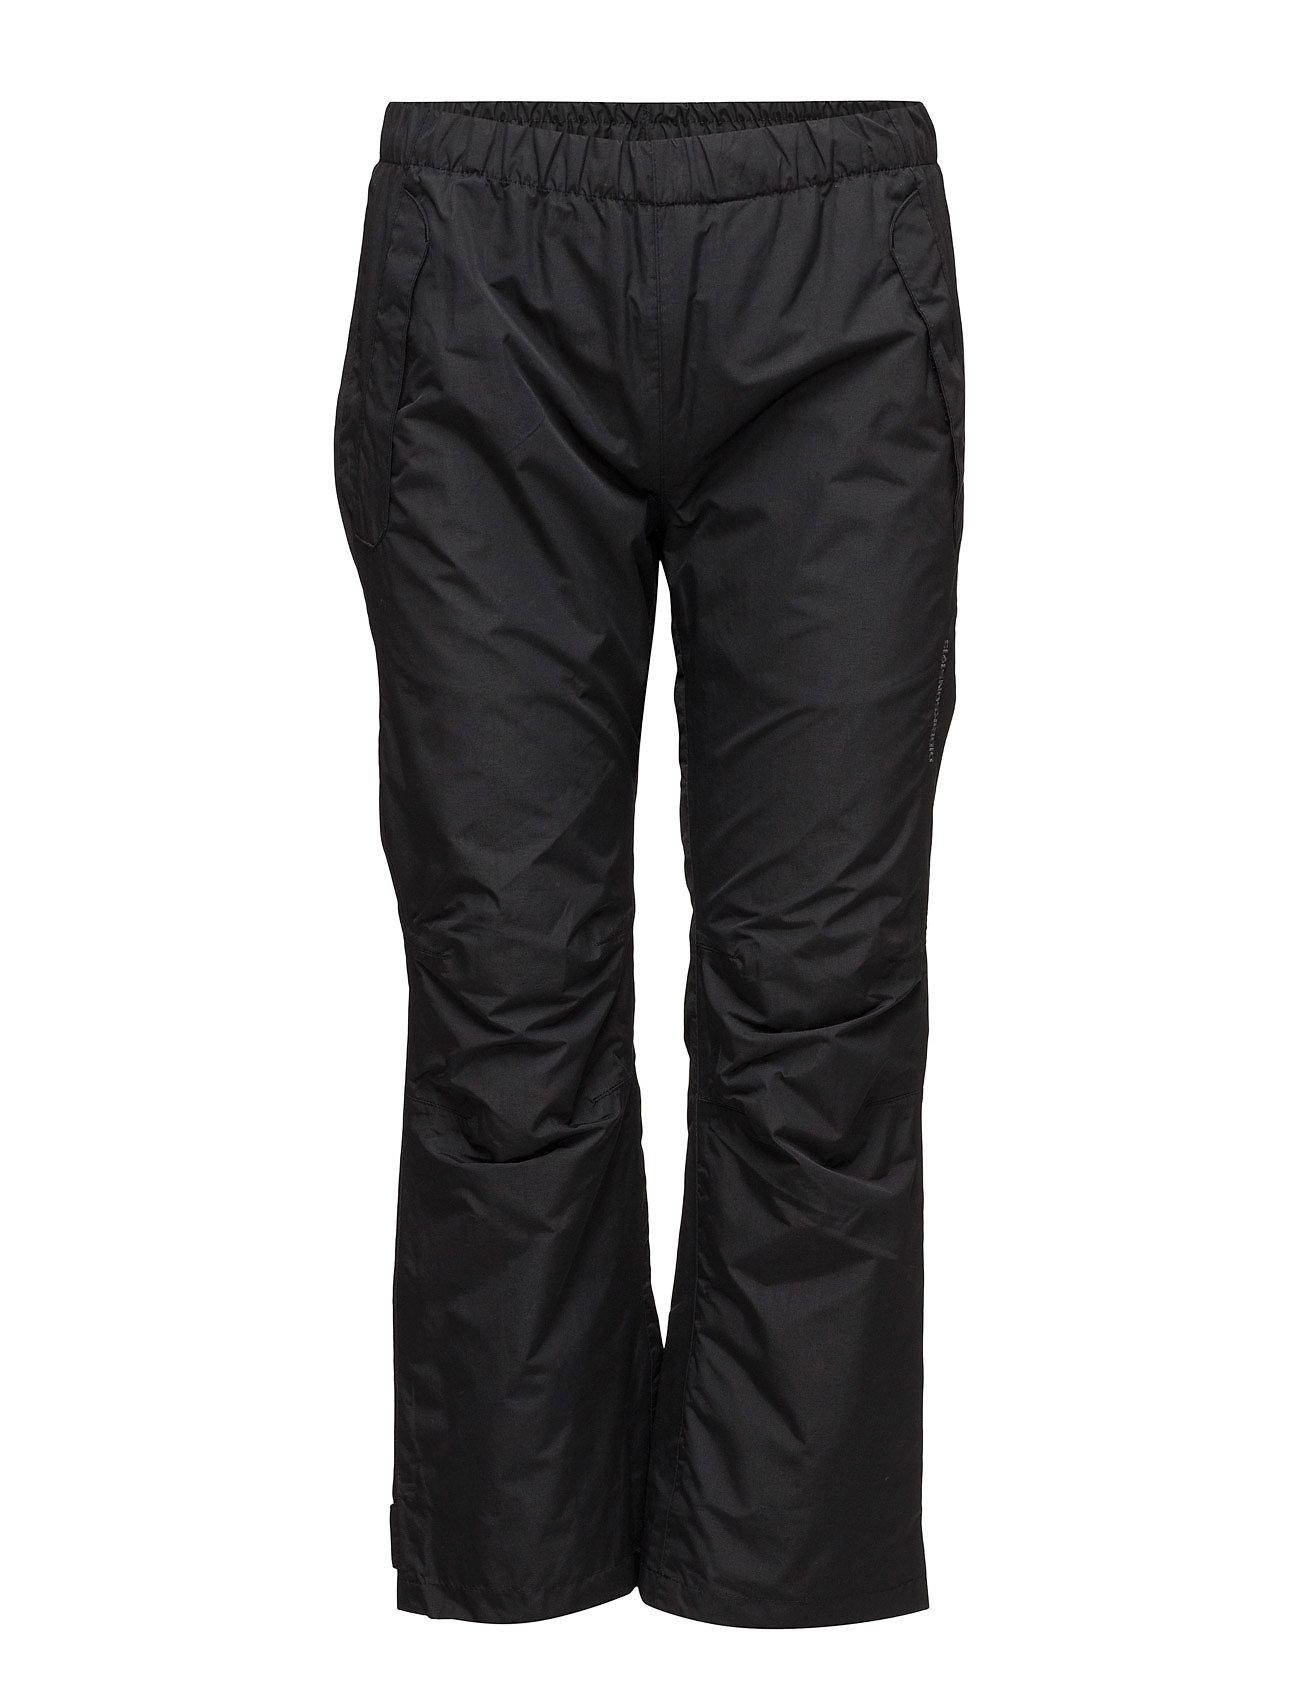 5fb63915 De kuleste Nimbus Yt Pants Didriksons Ski Bukser til i behagelige materialer